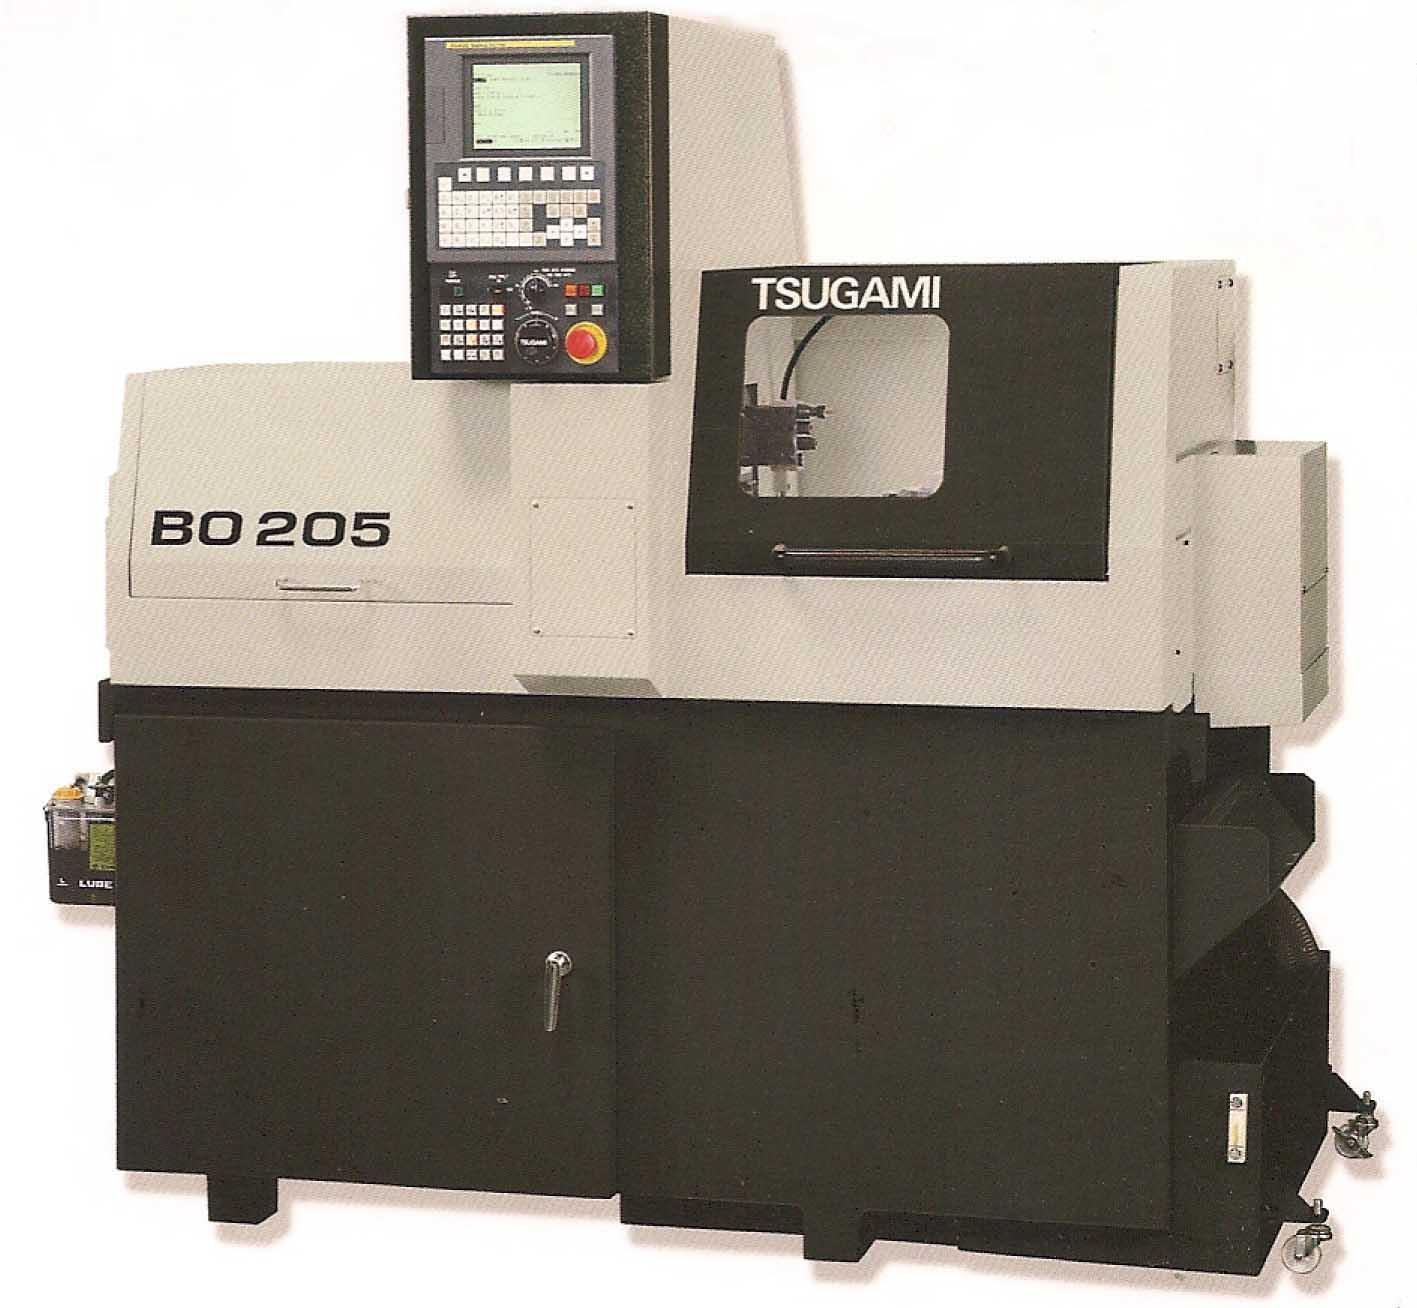 数控机床 供应日本津上走心机 bo 204 bo 205 中